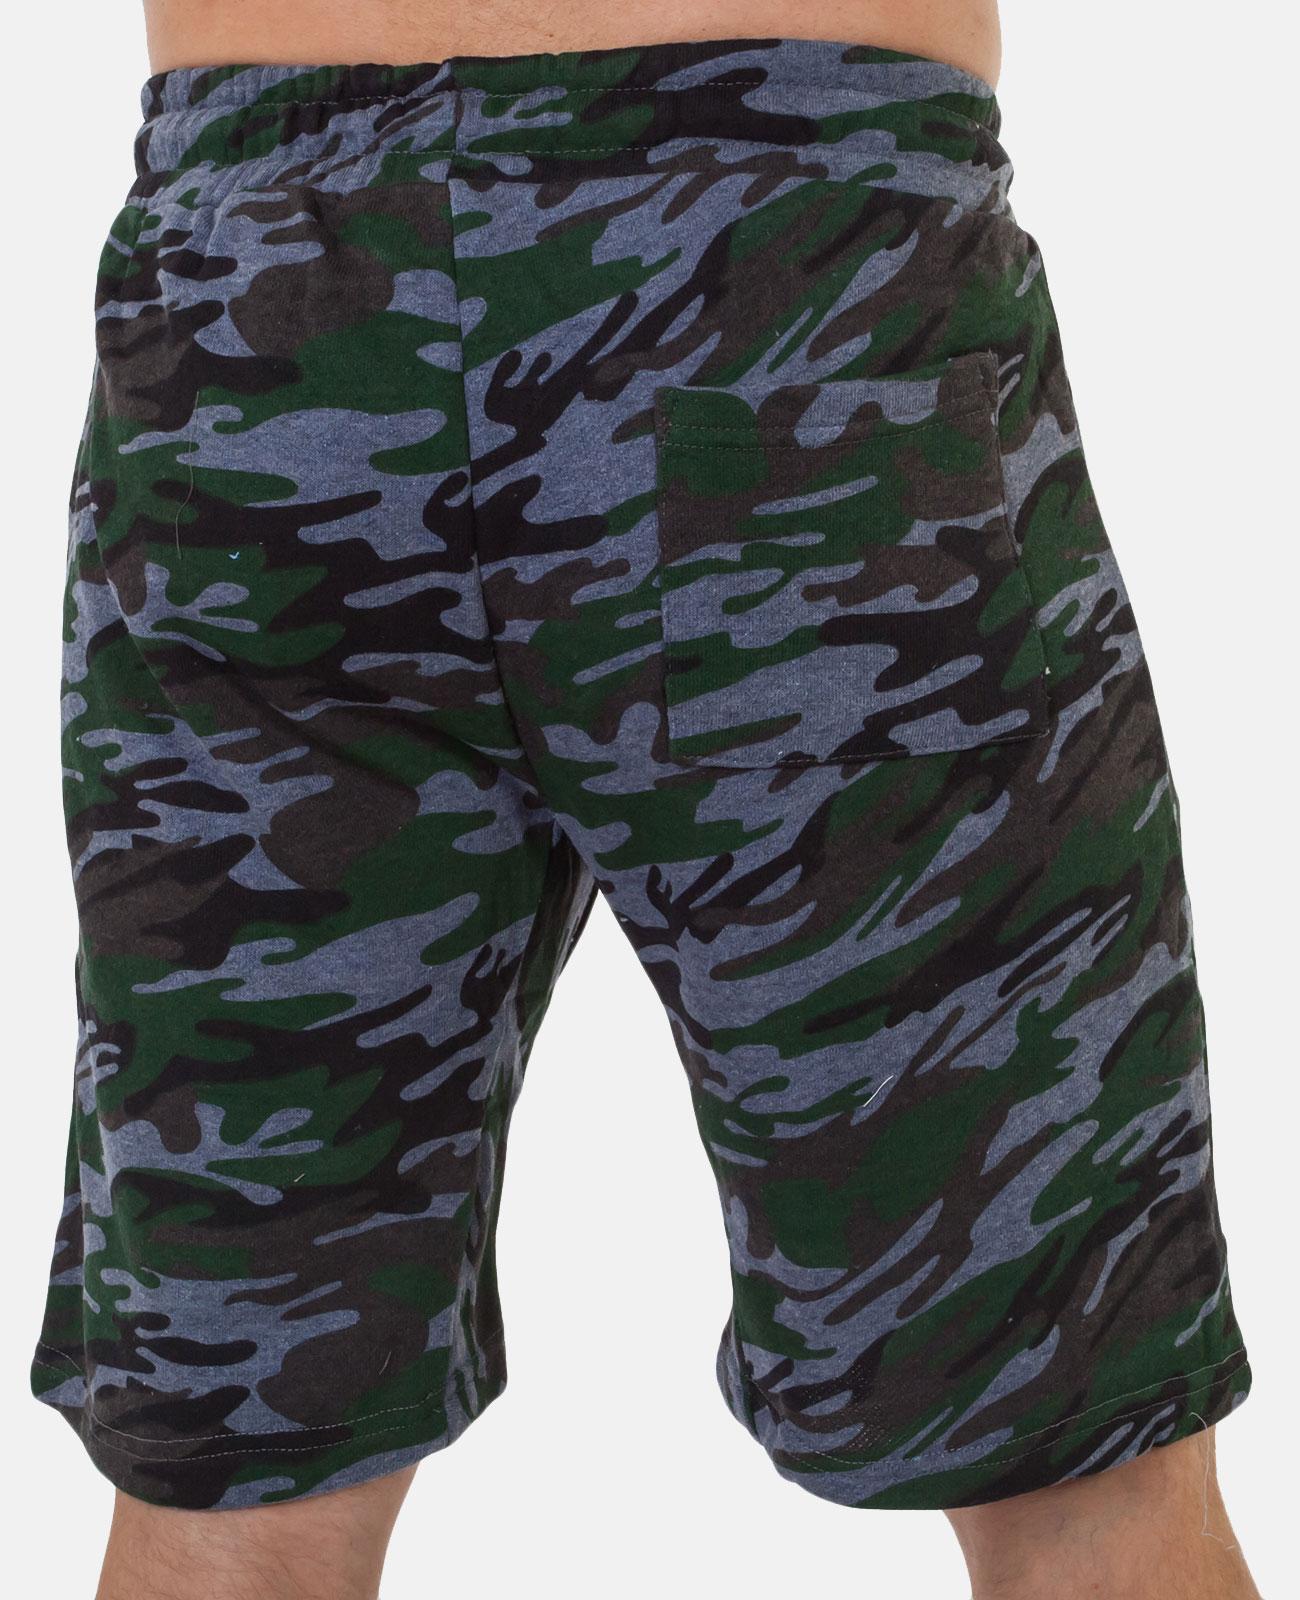 Камуфляжные милитари шорты с нашивкой ФСО - заказать онлайн